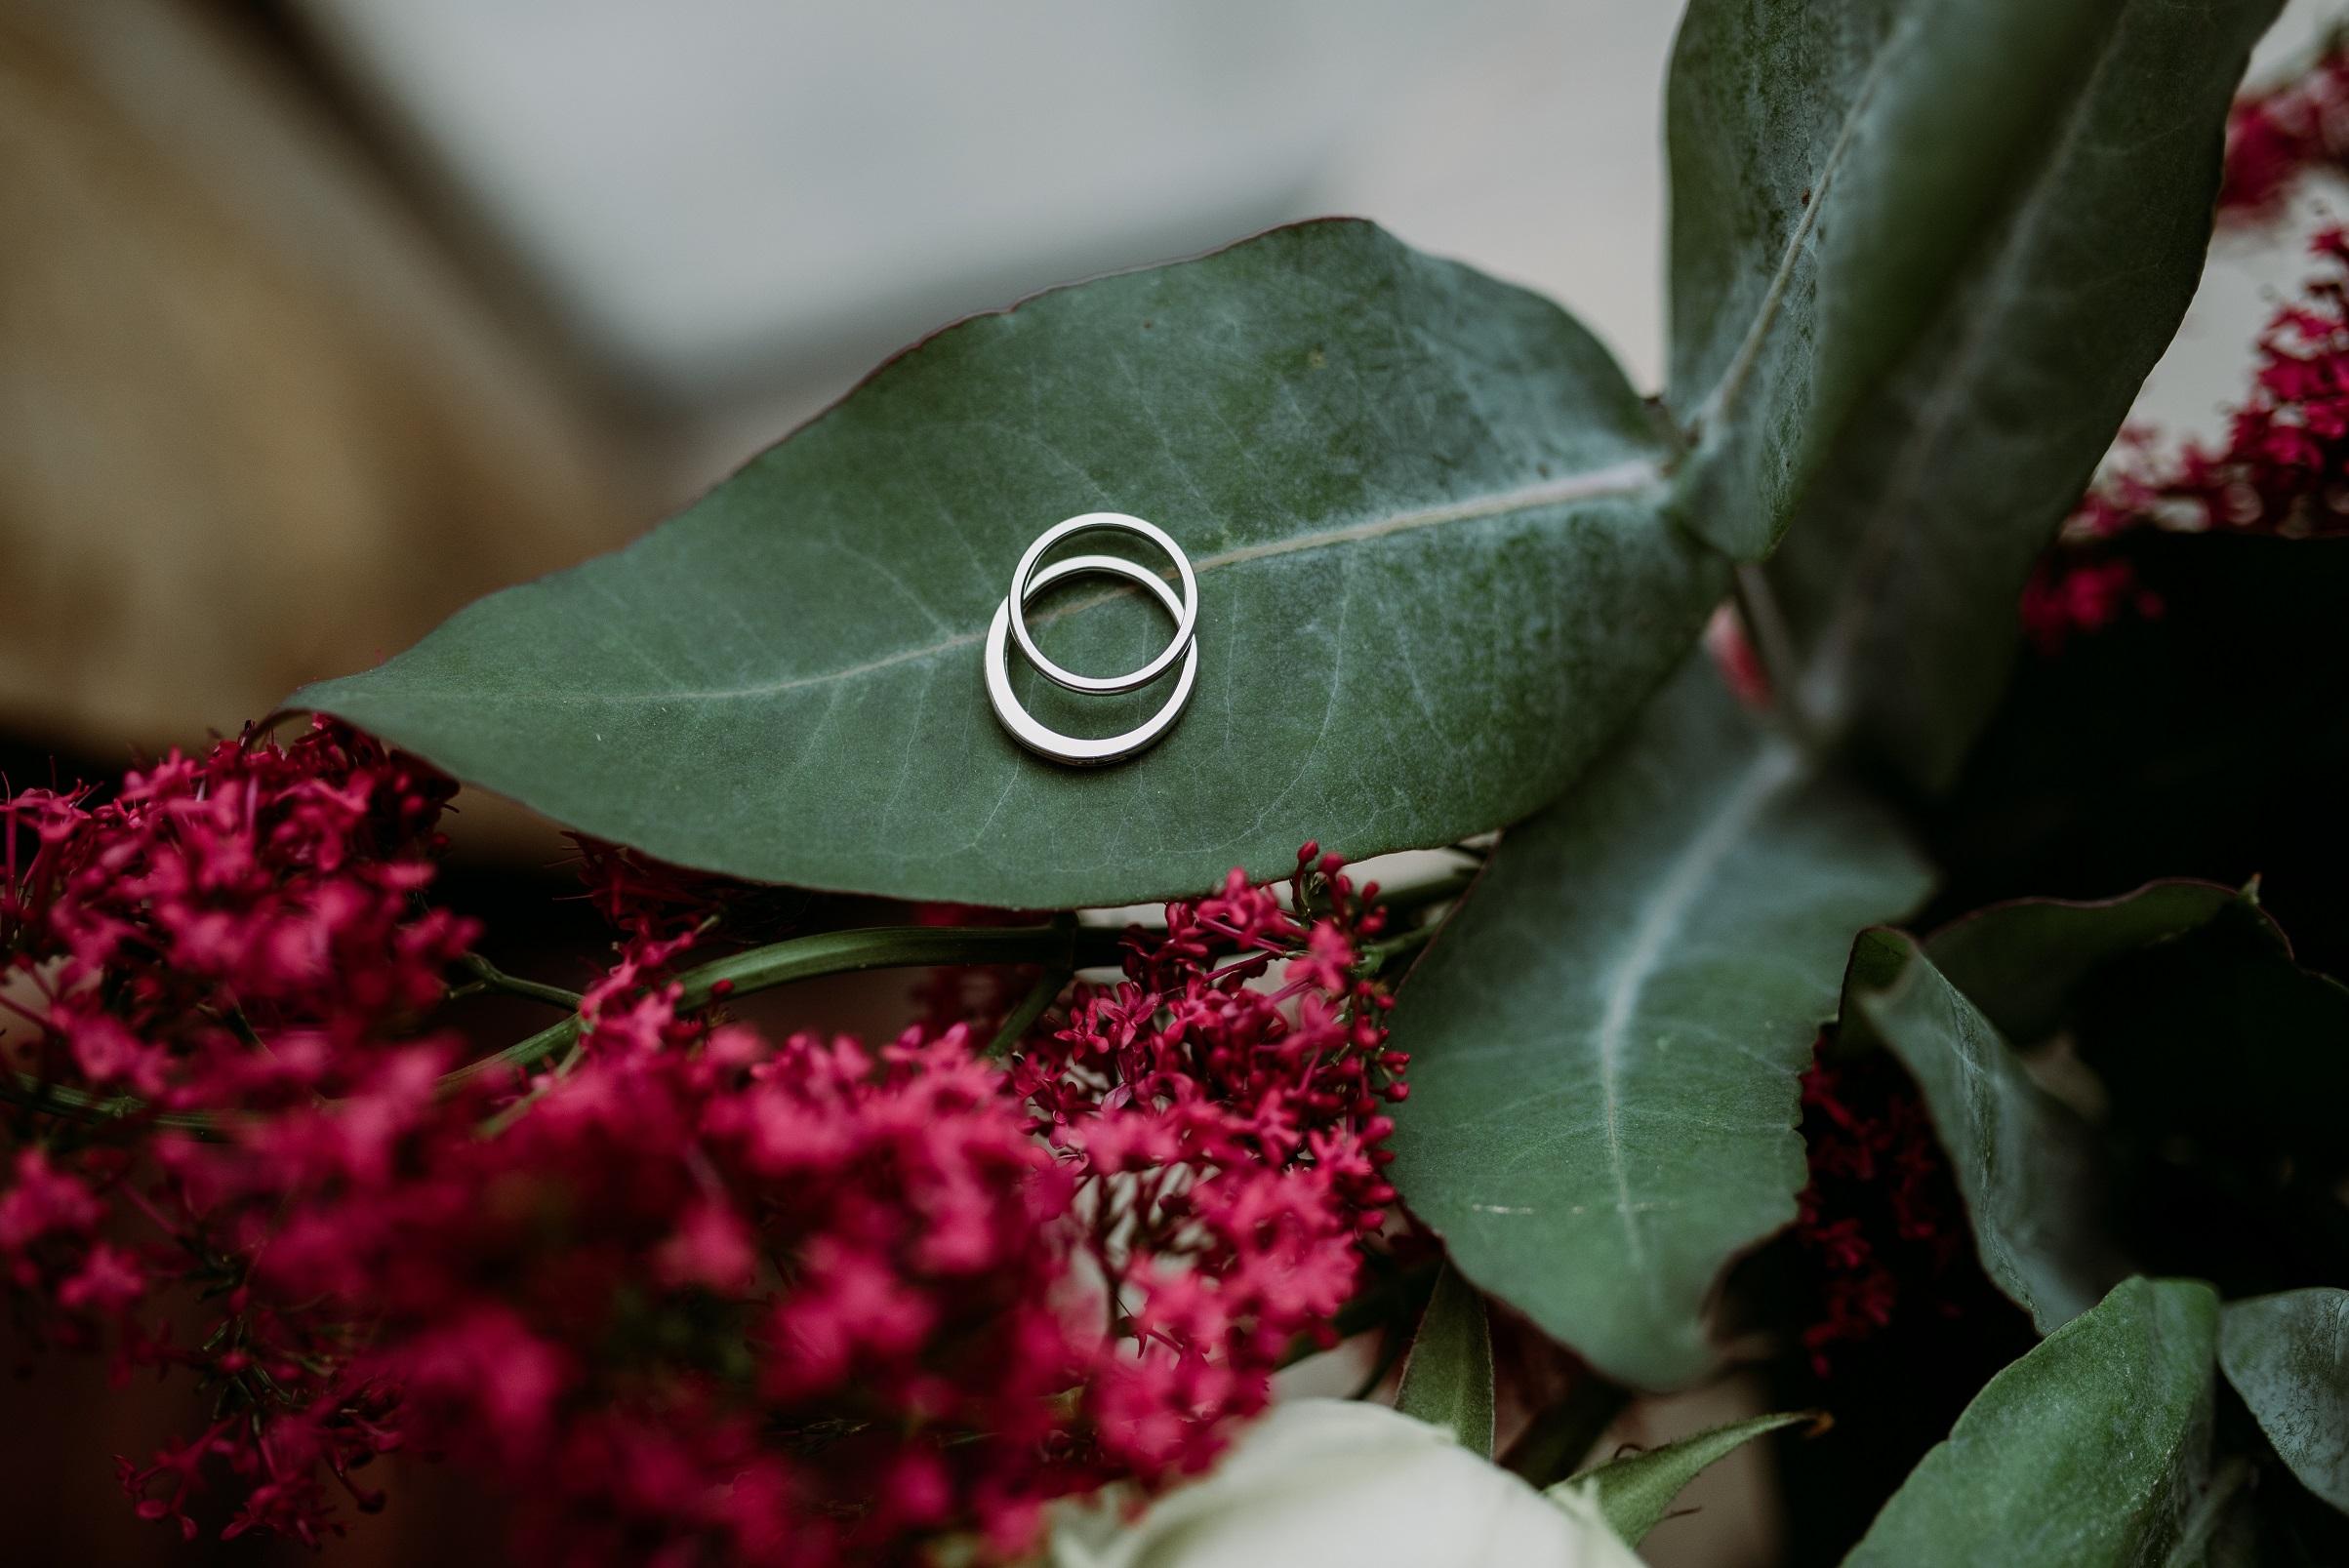 Bingung Tentukan Desain Cincin Nikah? Yuk Cek Rekomendasi Terbaiknya Disini